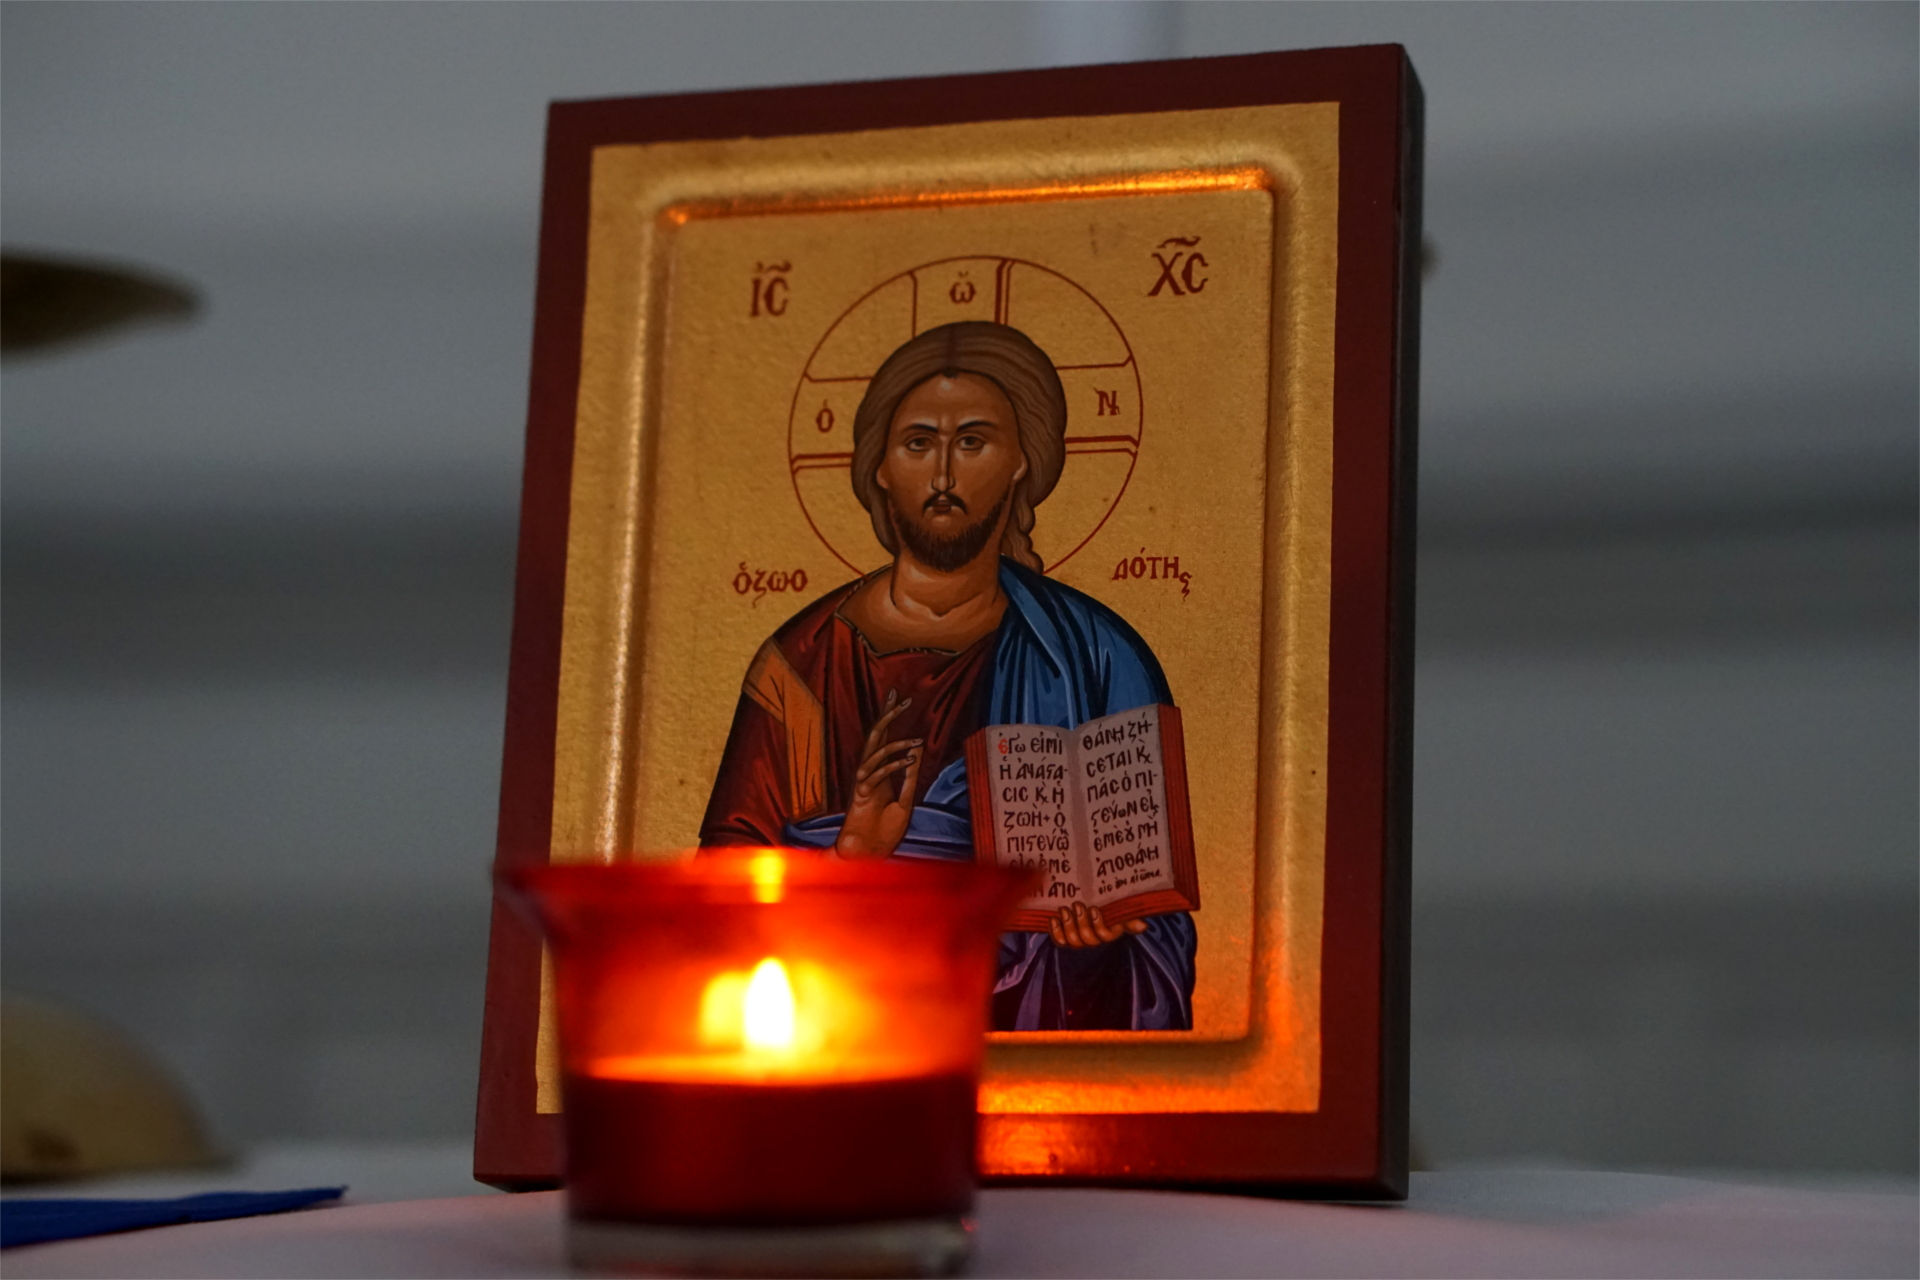 Detailaufnahme Ikone lehrender Christus — Altar Heimsuchung Marien